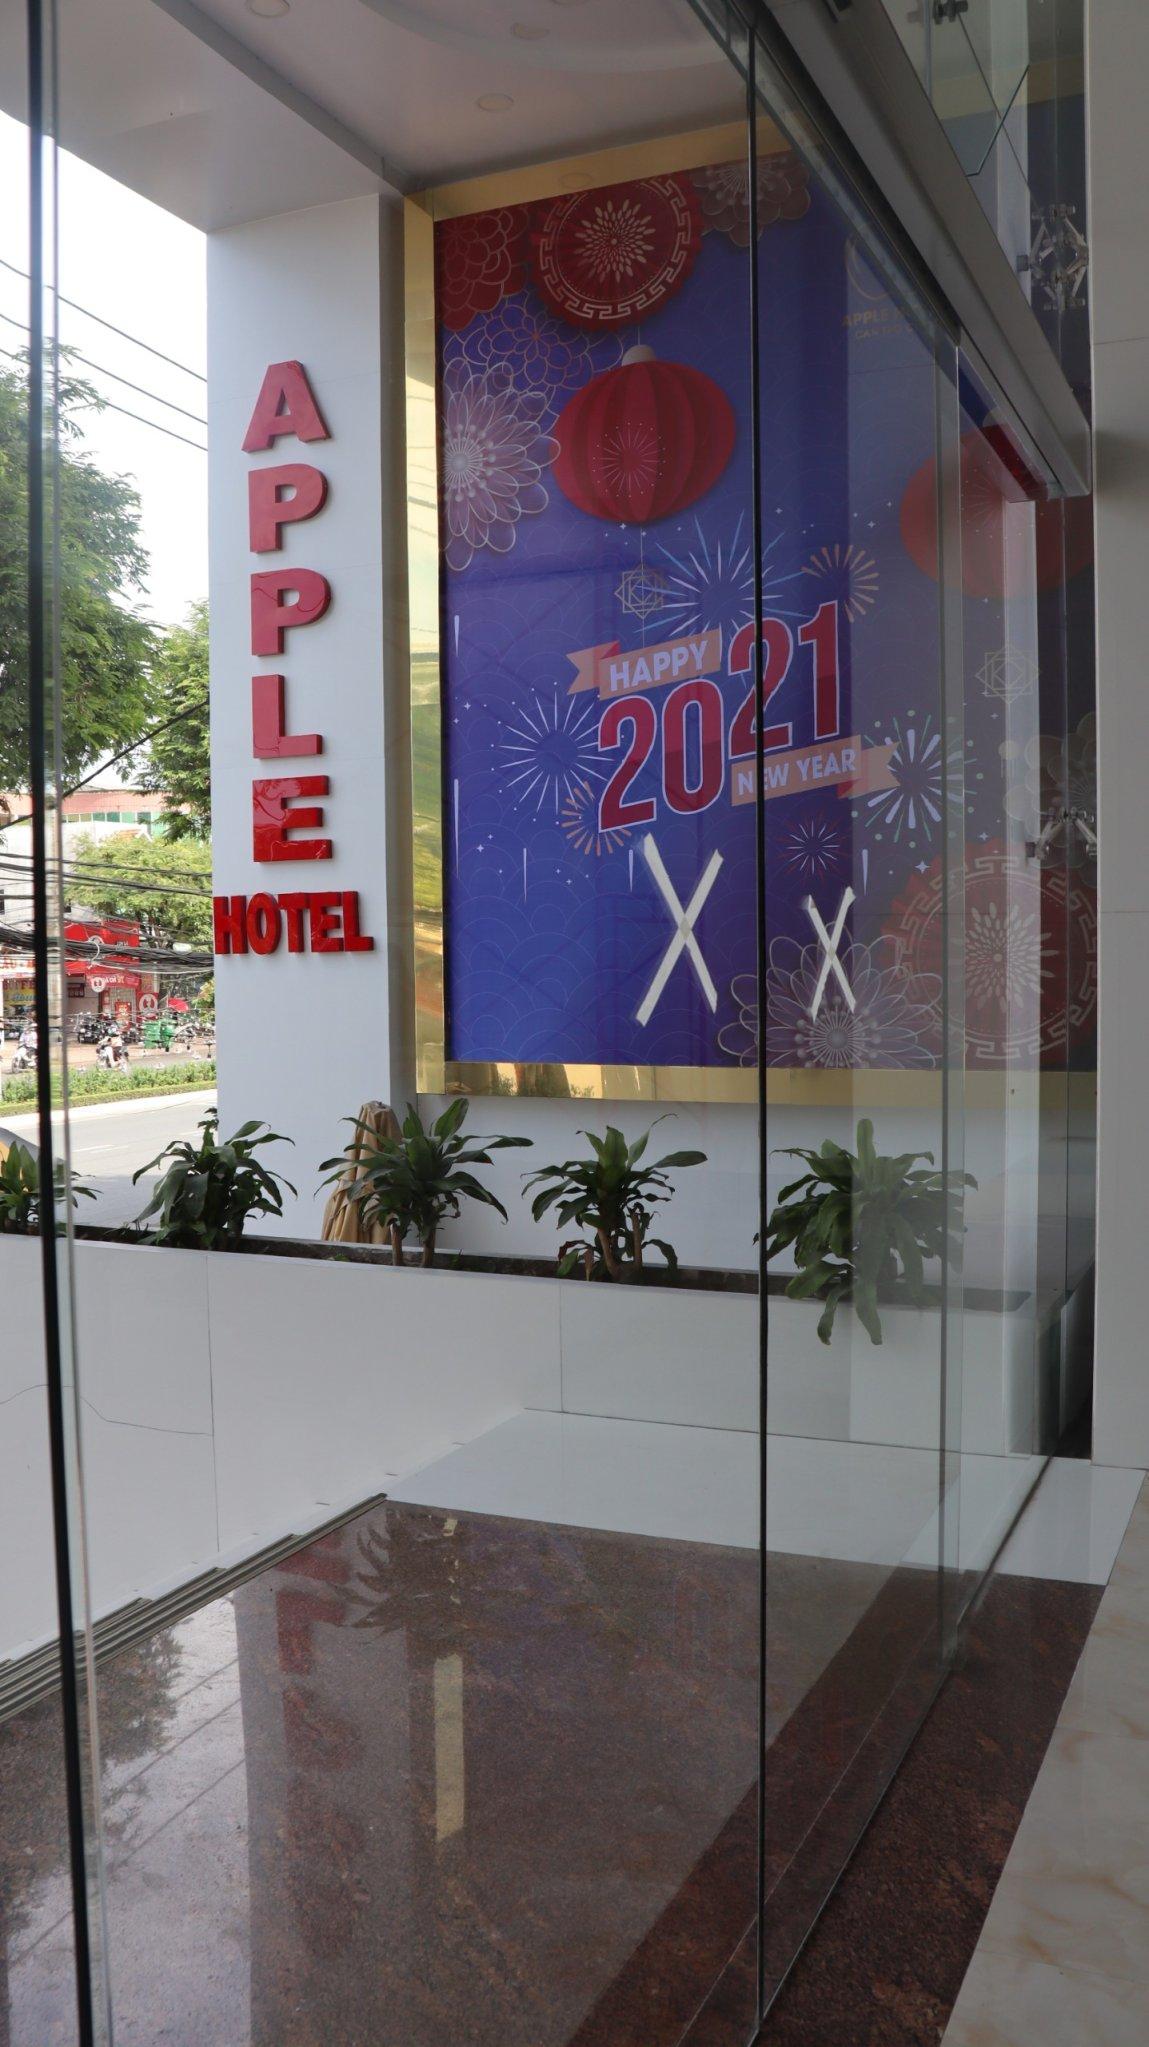 khoá cửa vân tay tại thành phố Vinh